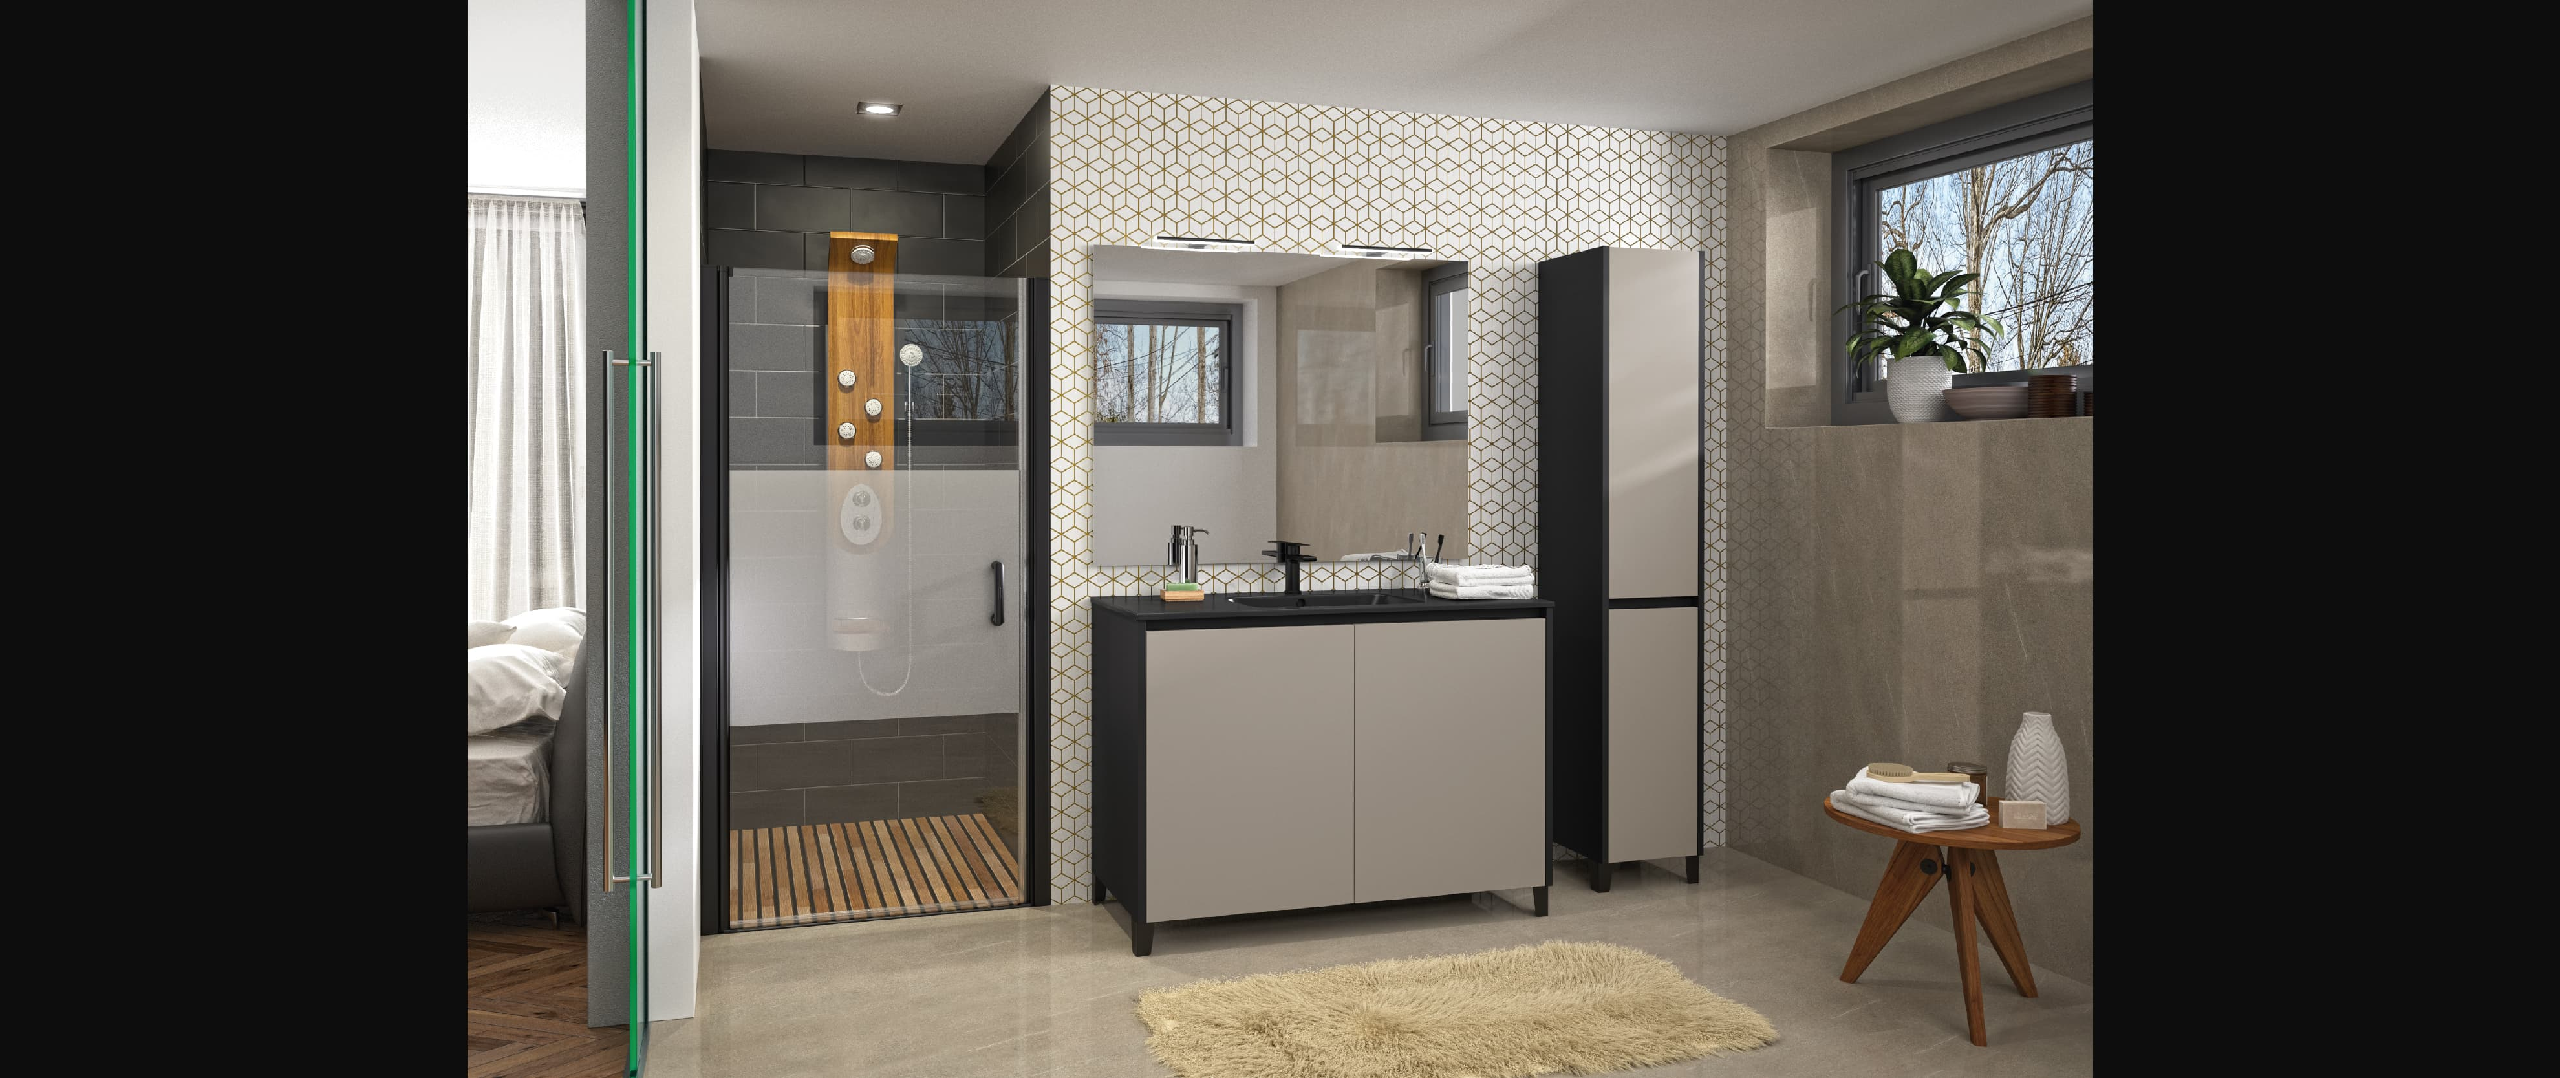 salle de bains zaho truffe mat gris moderne épuré haut de gamme